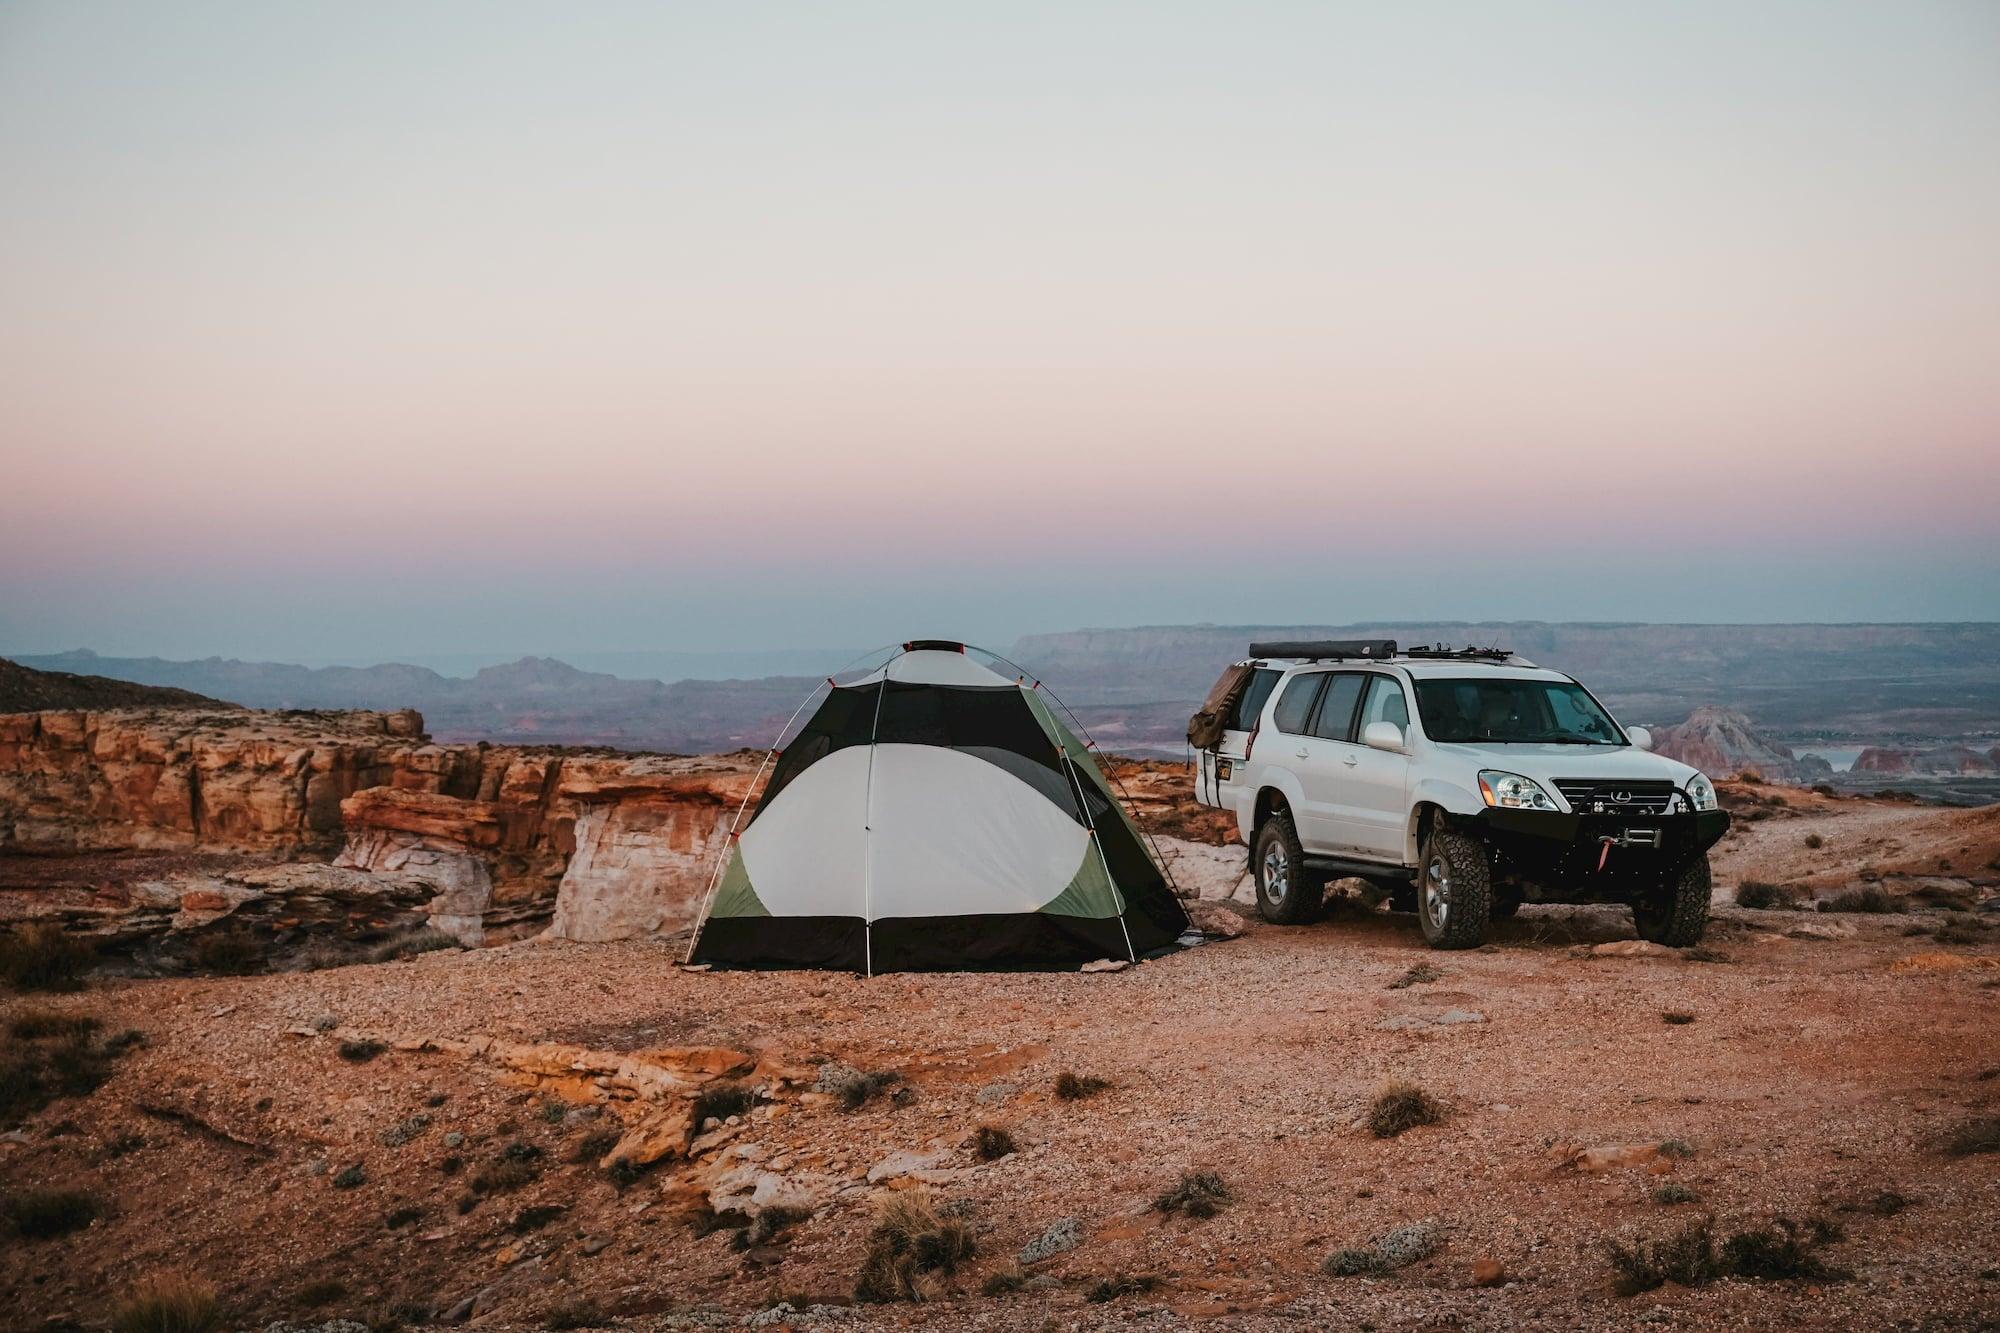 Car parked beside tent on open desert land.